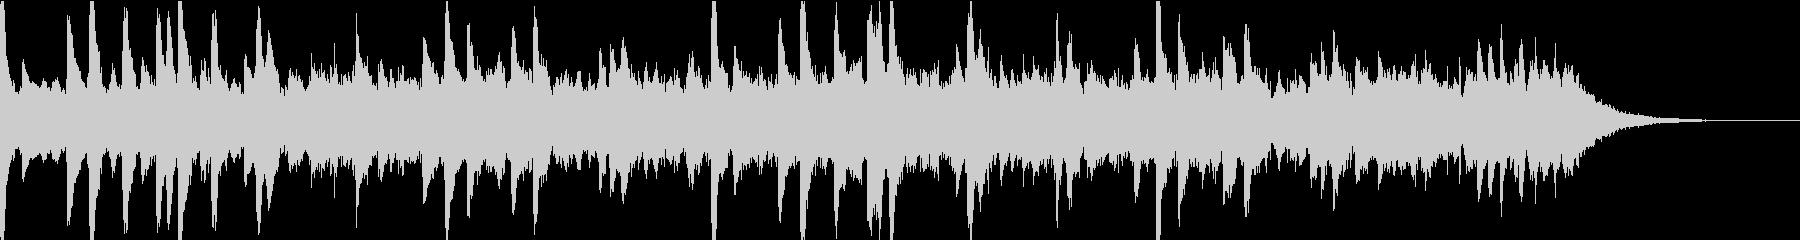 雨の音とリラクゼーションピアノの未再生の波形